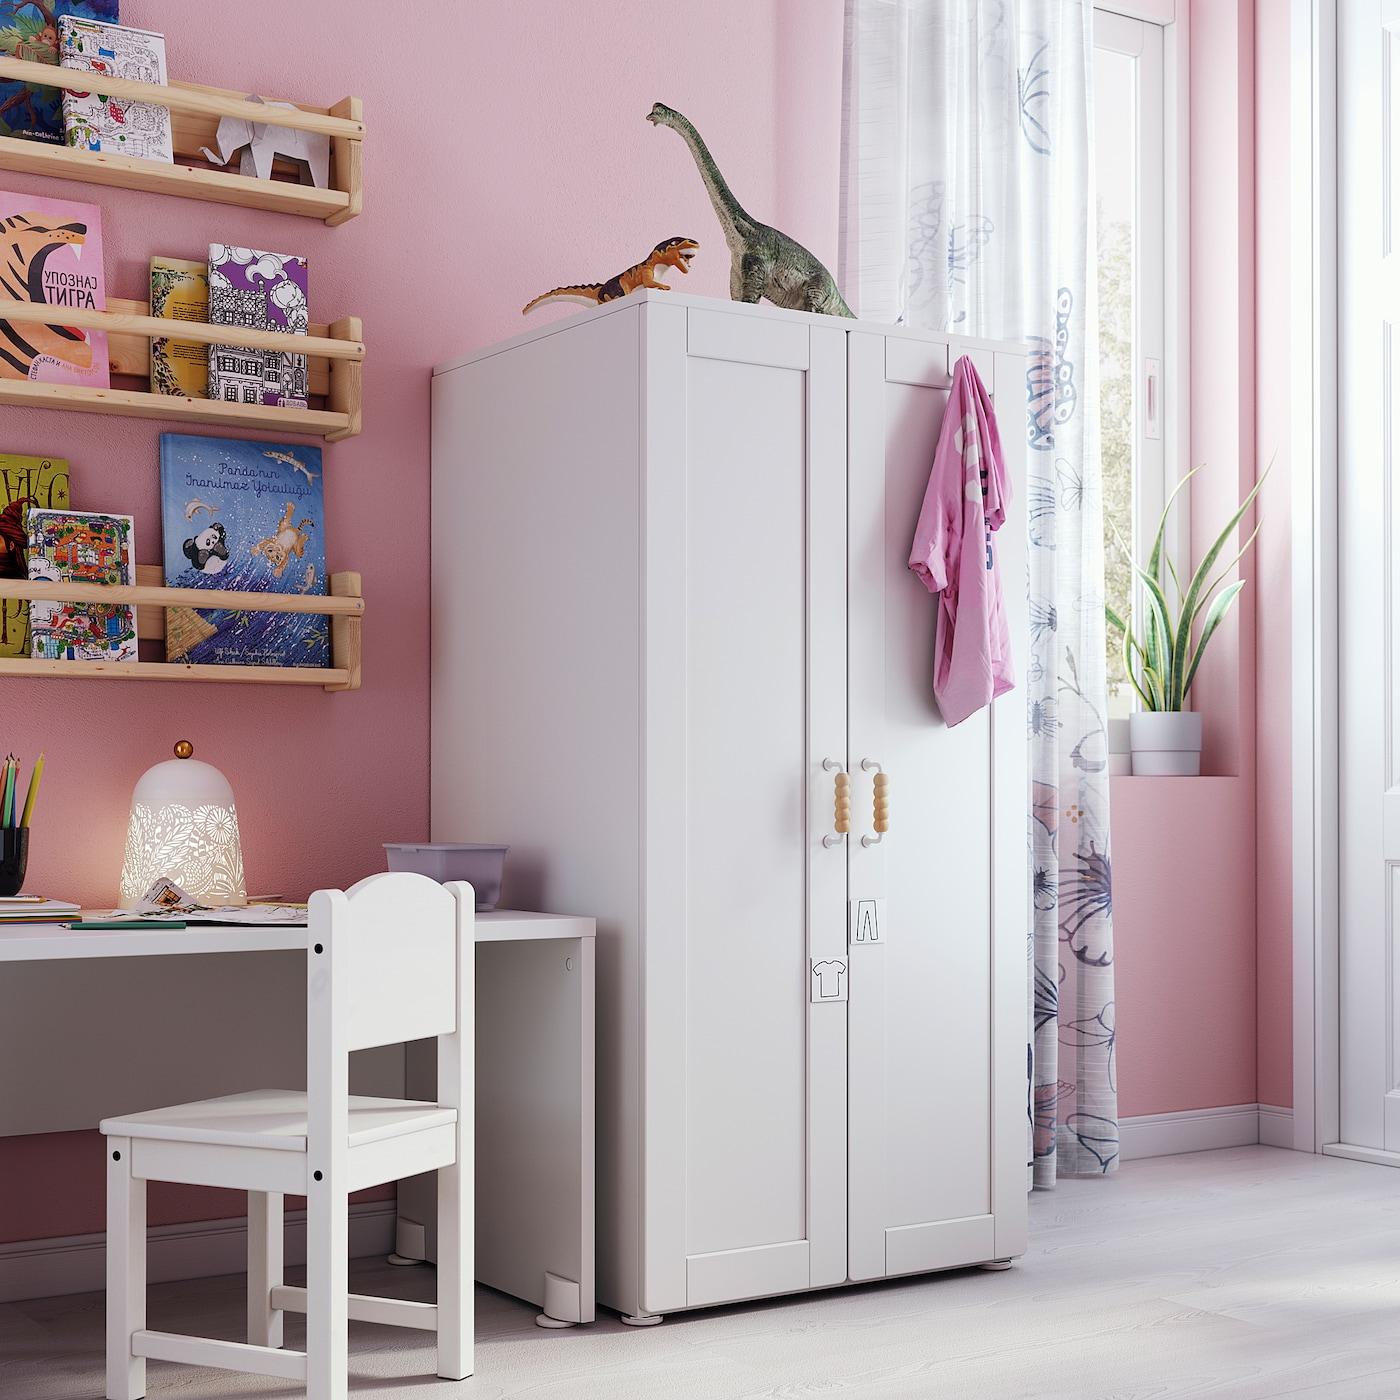 SMÅSTAD / PLATSA خزانة ملابس, أبيض أبيض/مع إطار, 60x57x123 سم